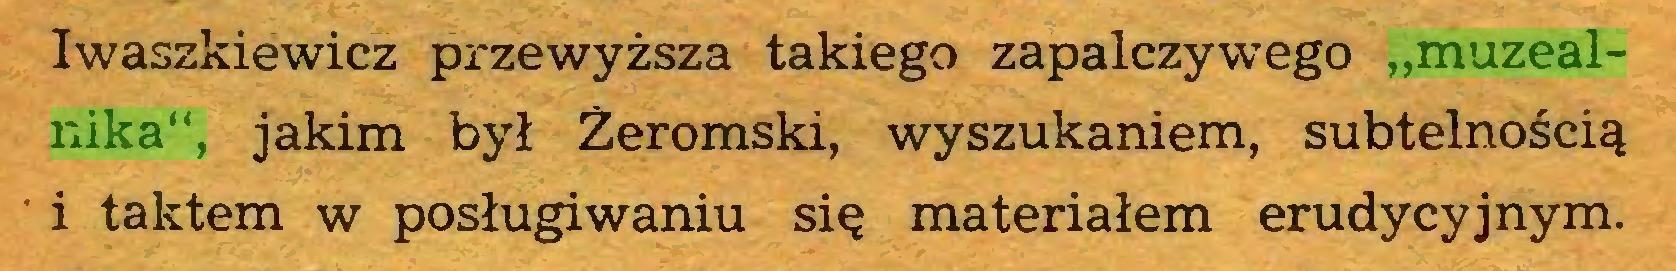 """(...) Iwaszkiewicz przewyższa takiego zapalczywego """"muzealnika"""", jakim był Żeromski, wyszukaniem, subtelnością i taktem w posługiwaniu się materiałem erudycyjnym..."""